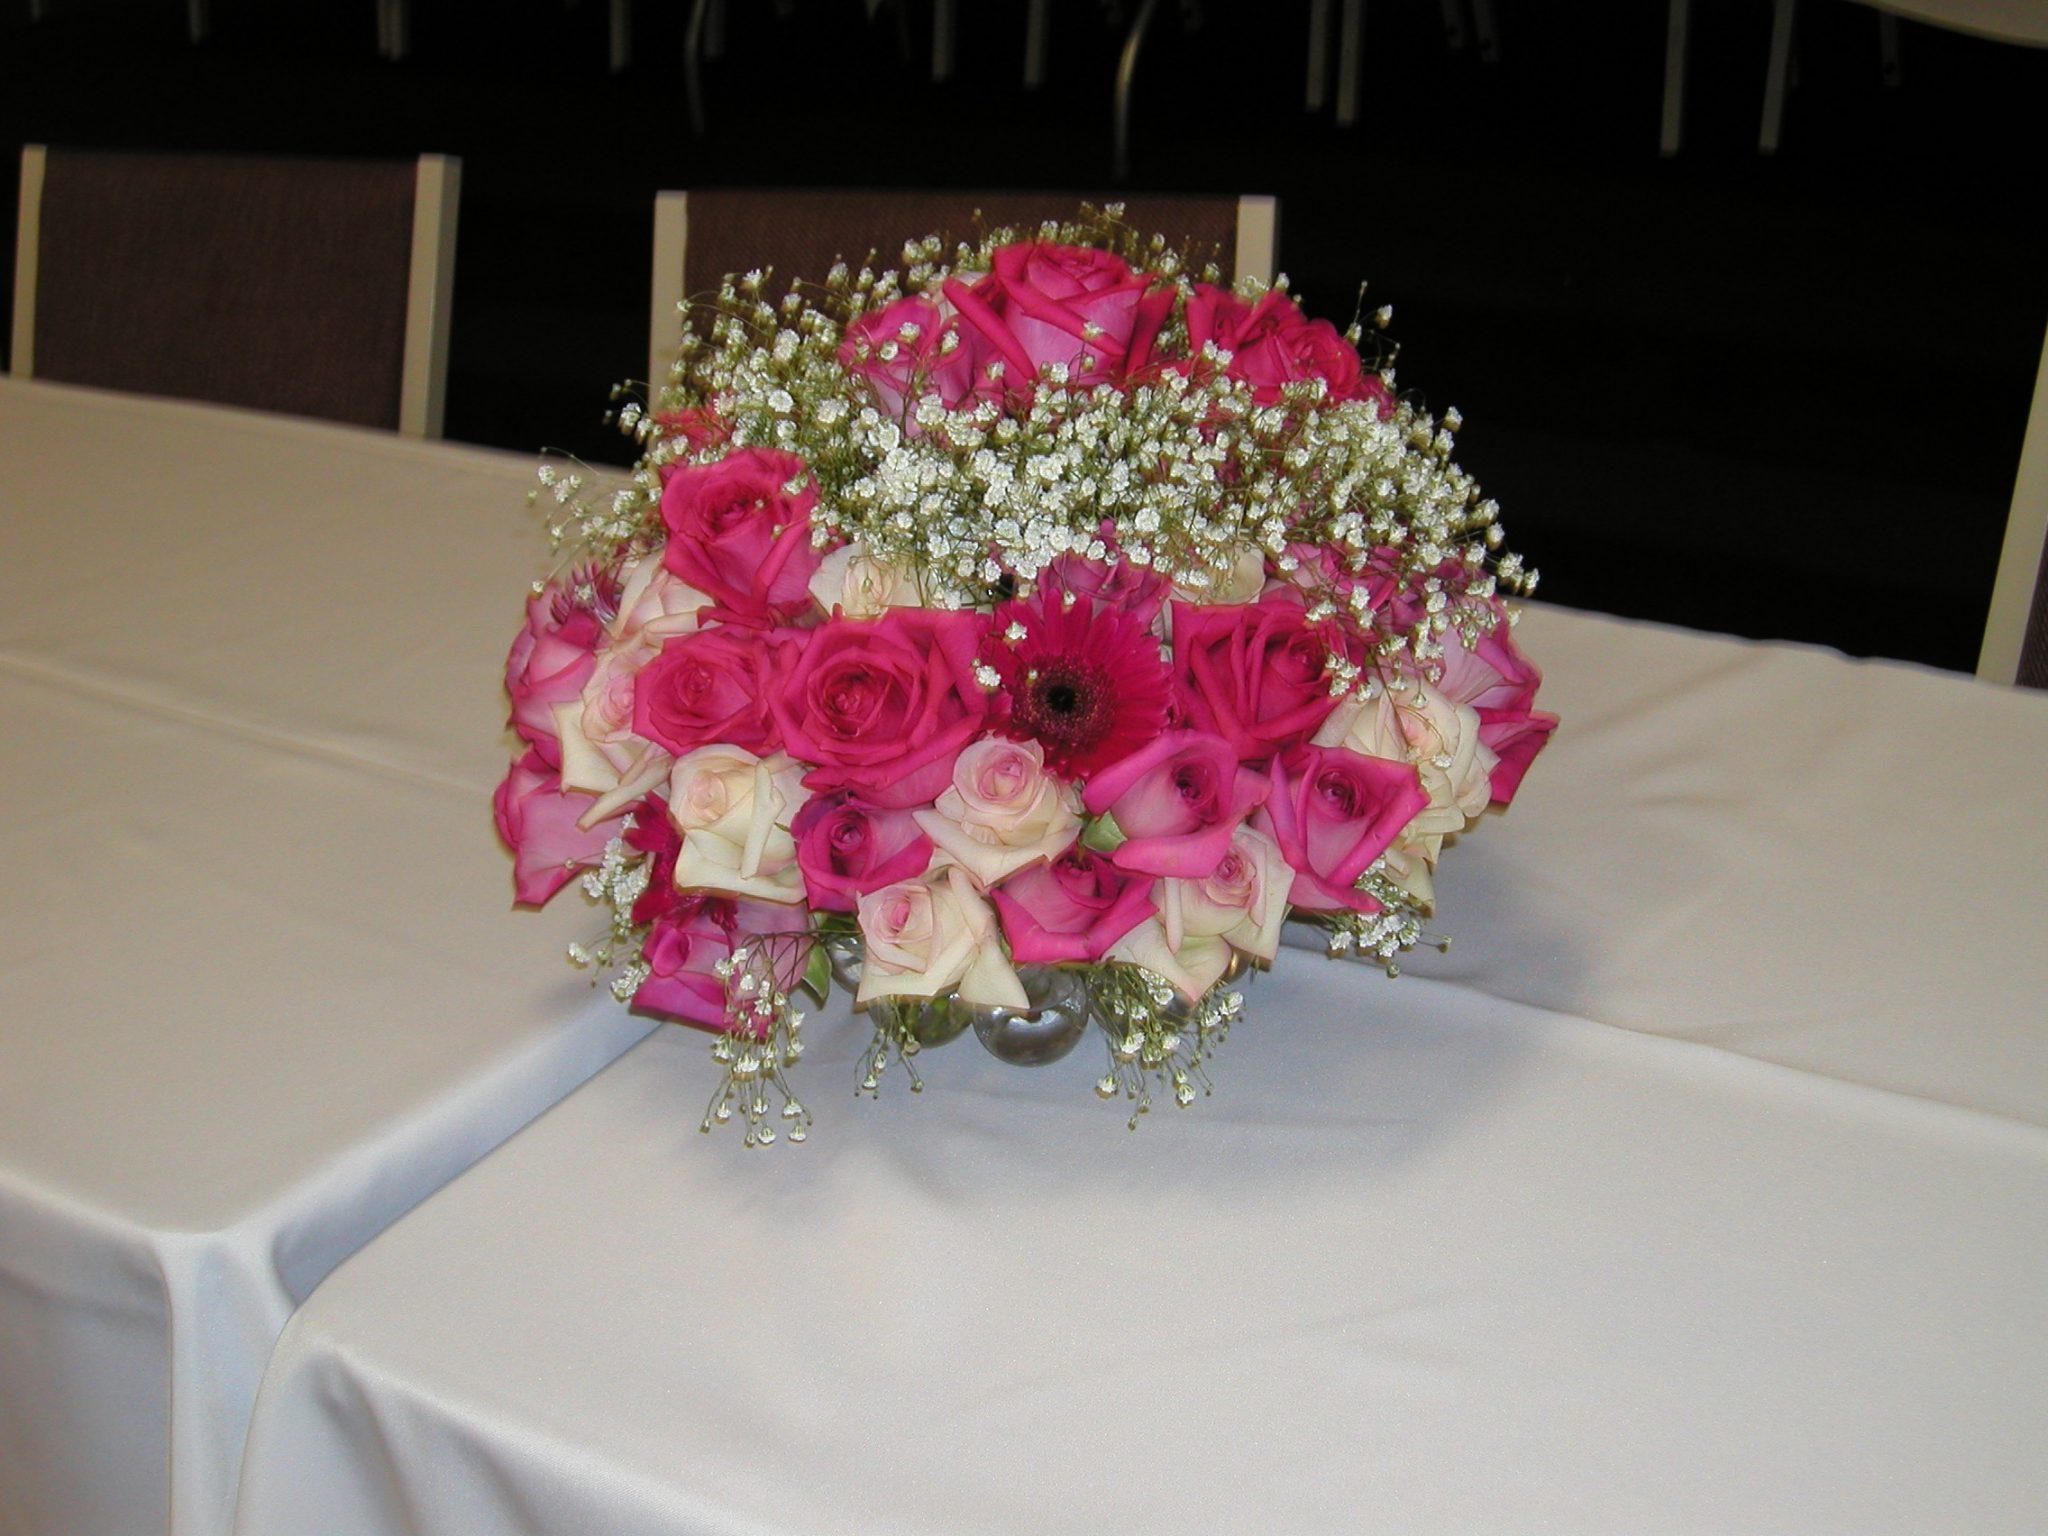 Floral centerpieces party favors ideas for Flower arrangements for parties